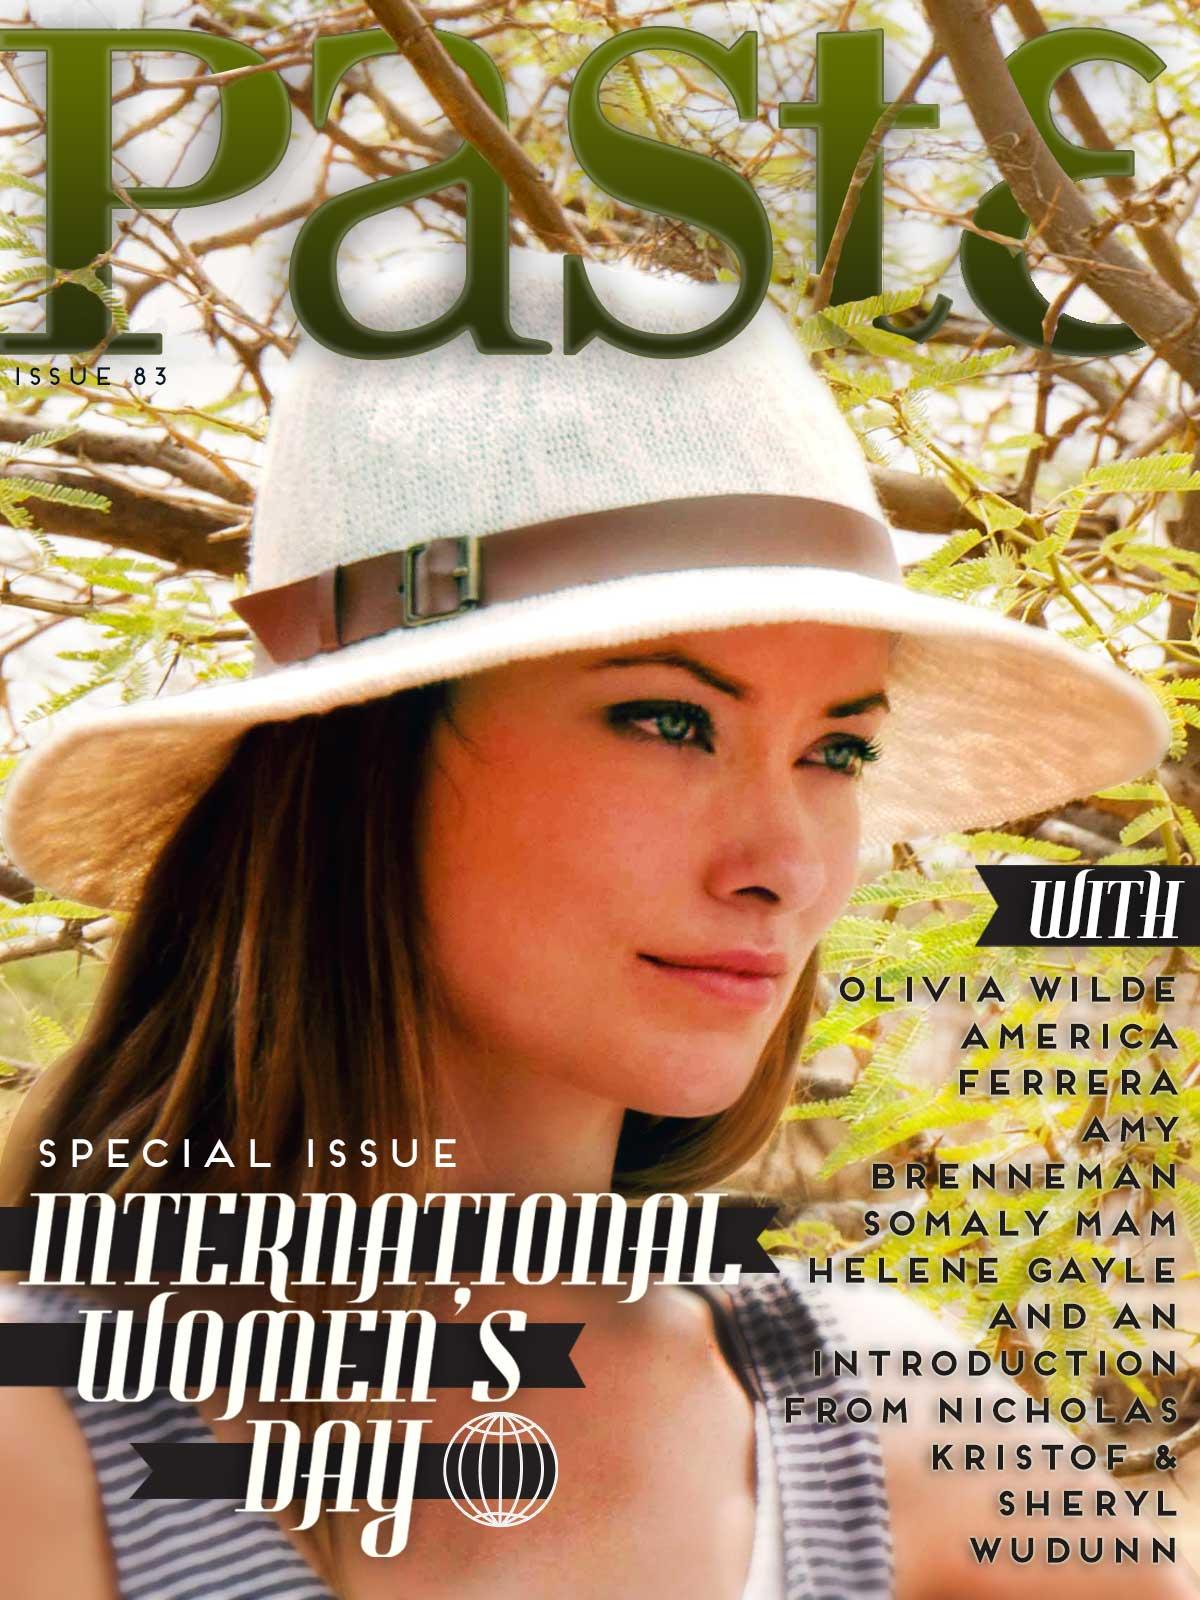 2013-03-07-Issue83Coveroriginal.jpg